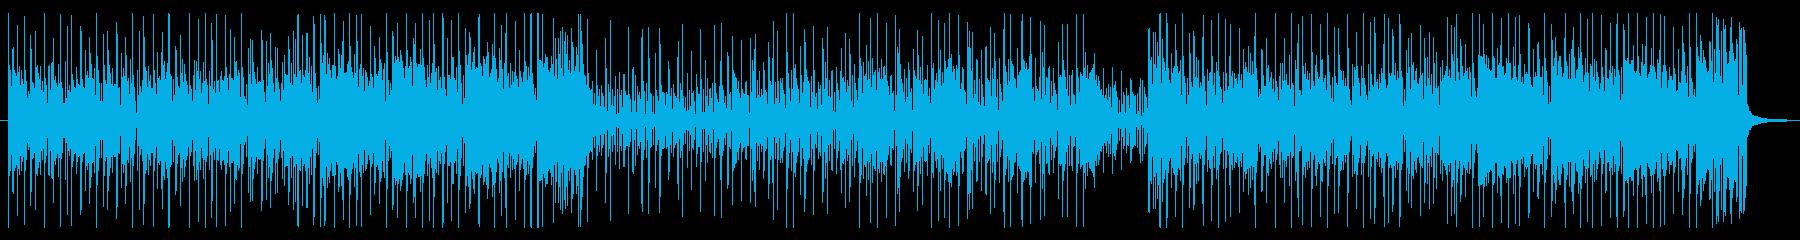 コミカルシーンに合う日常系ファンクの再生済みの波形